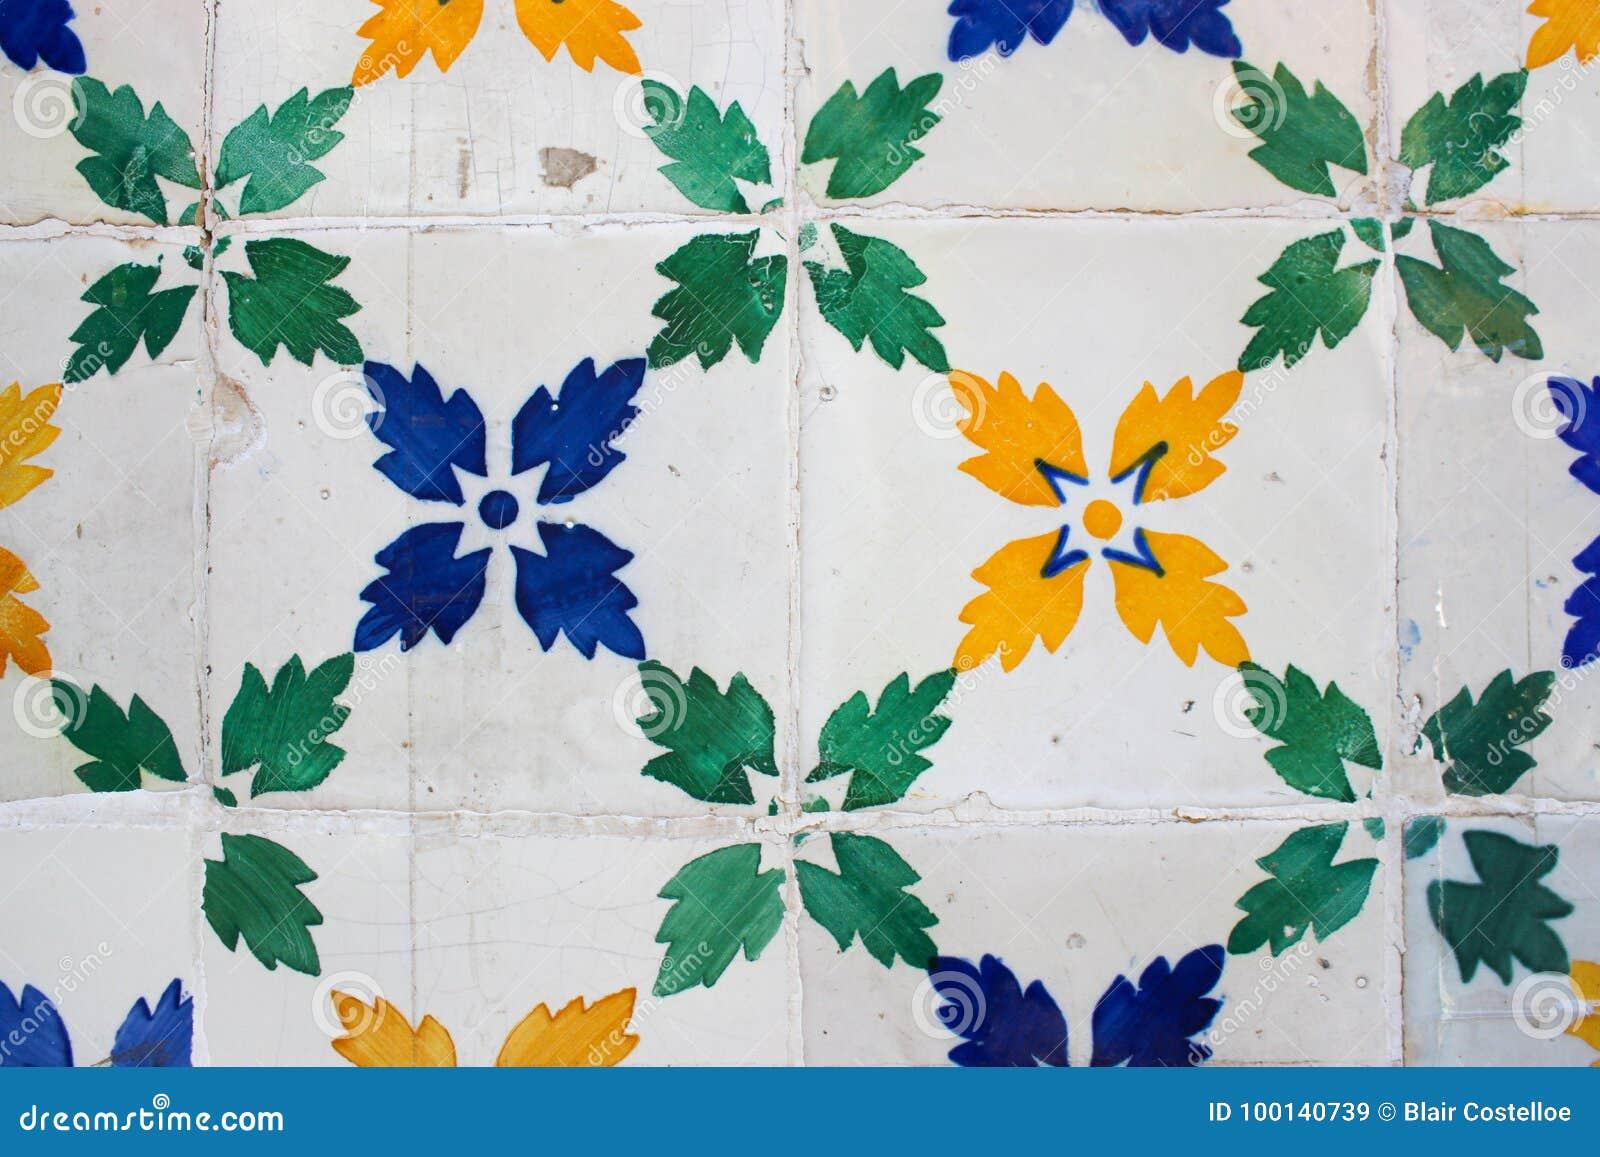 Zieleń, błękit i kolor żółty deseniować płytki na budynku w Lis,